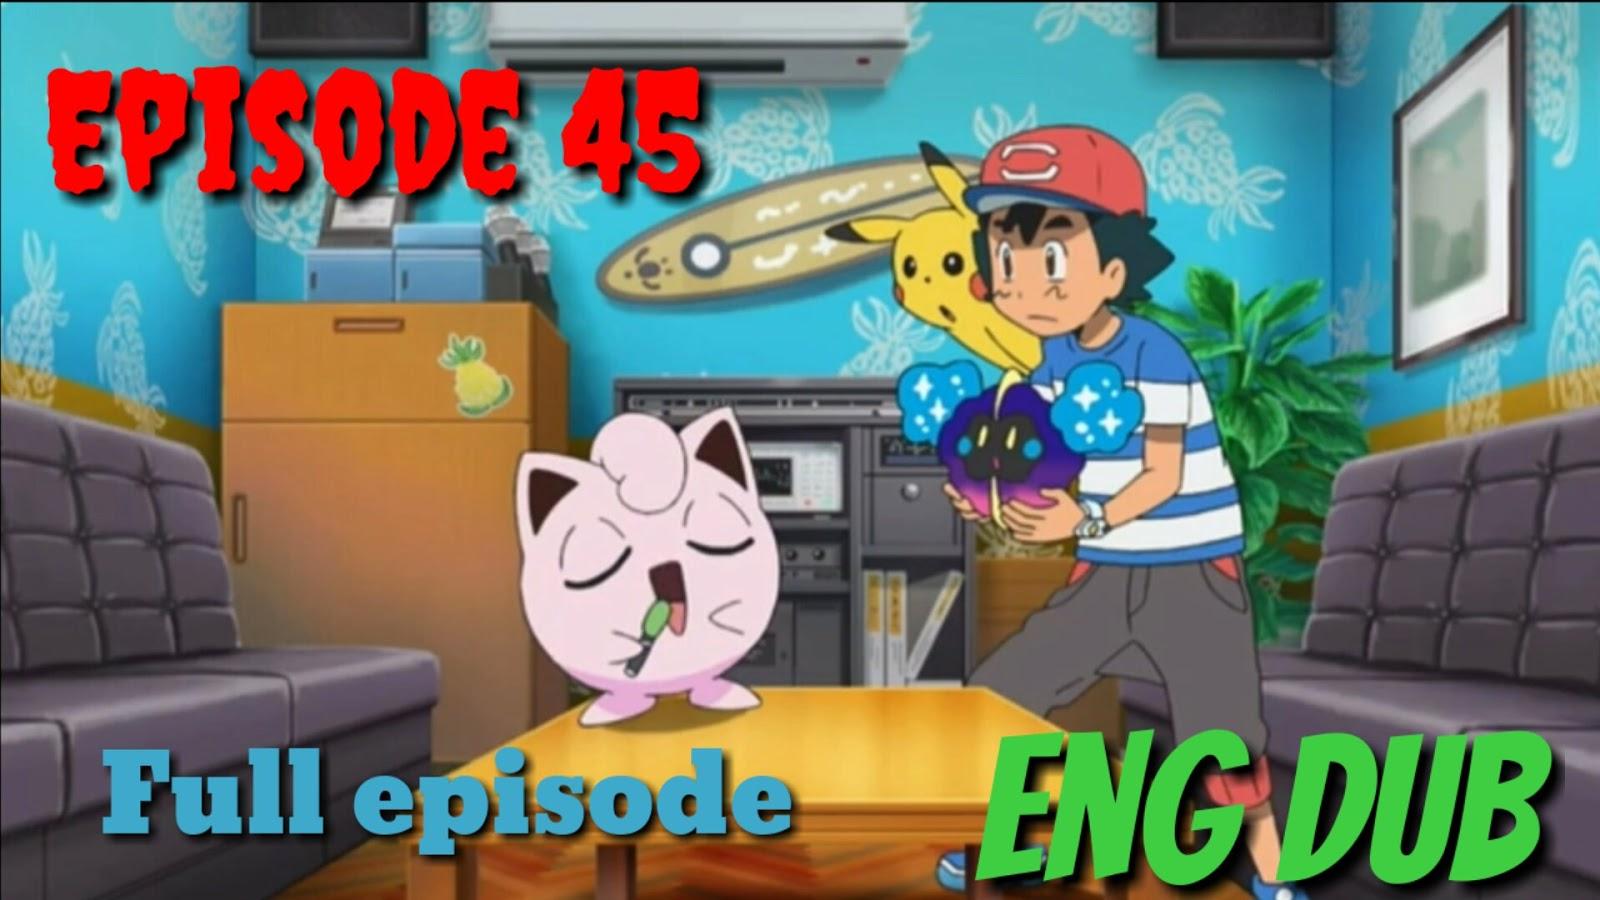 Pokemon Episodes Pokemon Sun And Moon Epsiode 45 English Dub